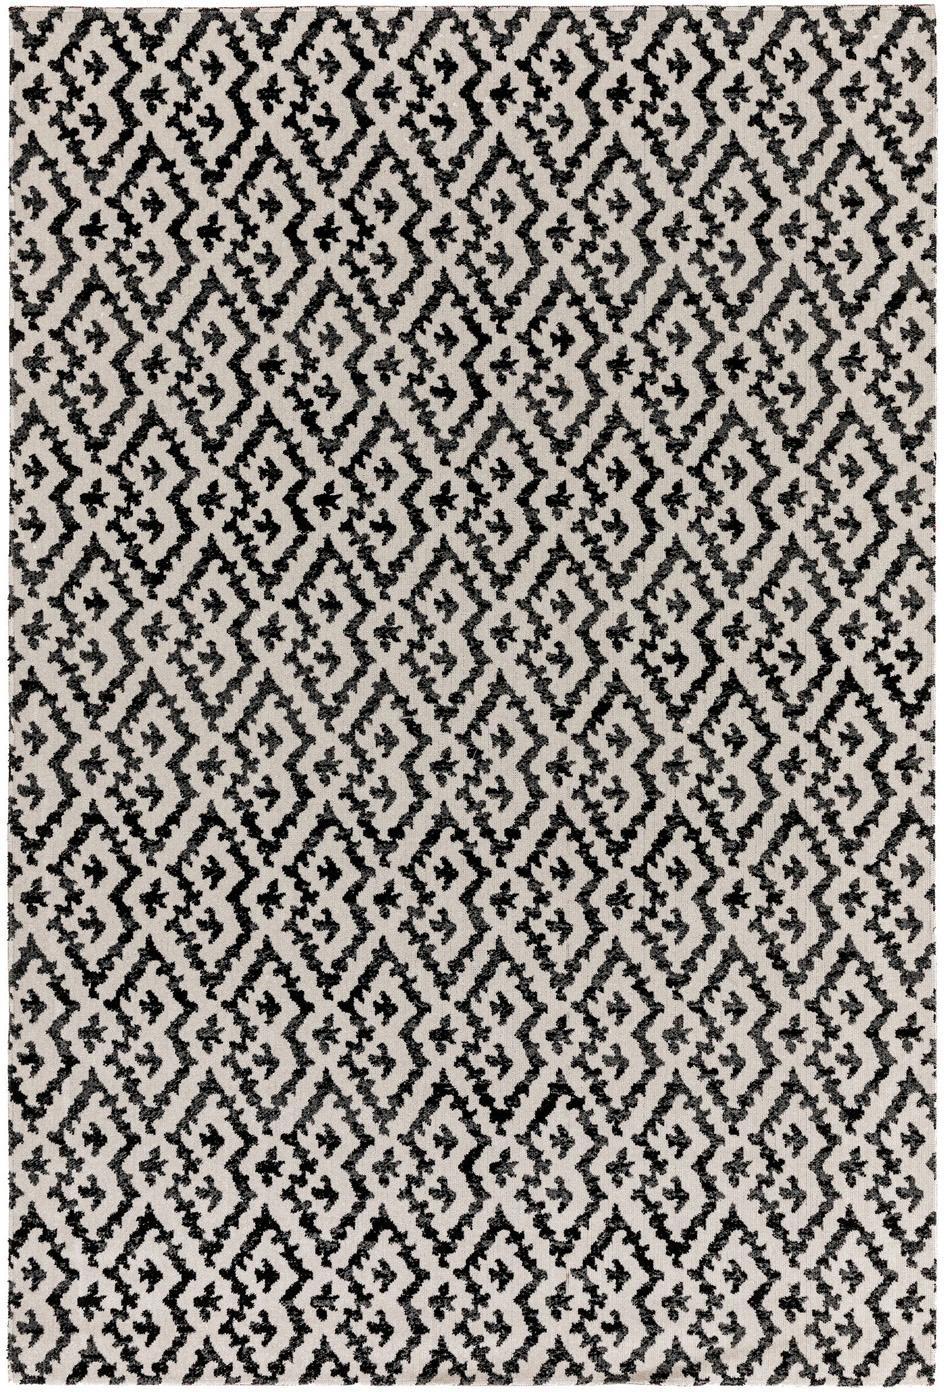 In- & Outdoor-Teppich Jerry im Ethno Look, 100% Polypropylen, Schwarz, Weiß, B 80 x L 150 cm (Größe XS)